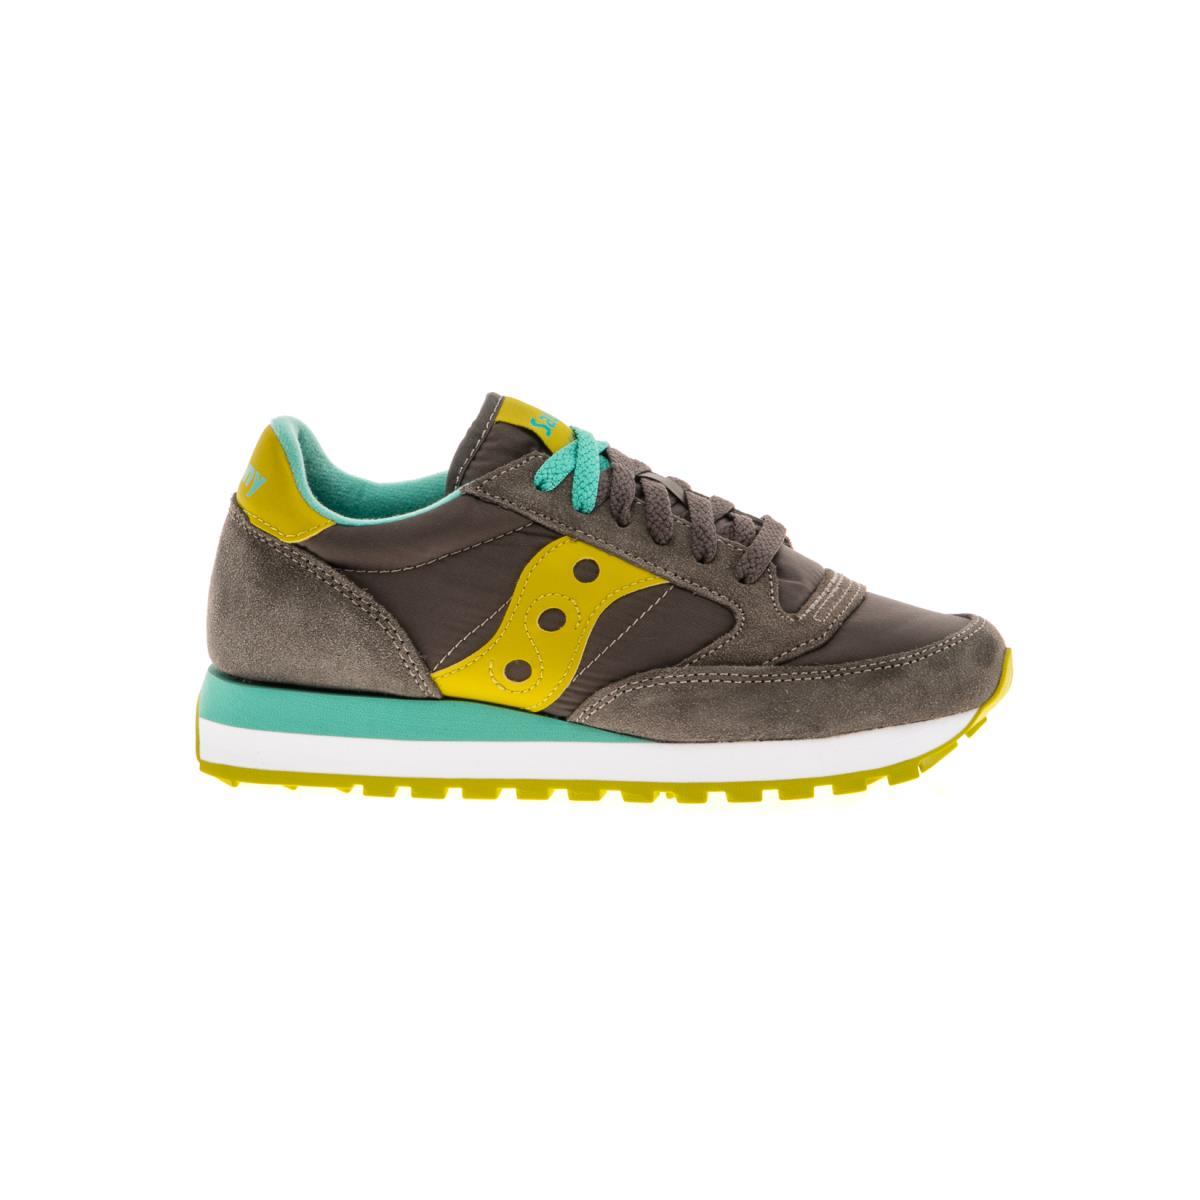 Lombardi calzature seano carmignano prato sneakers for Seano prato